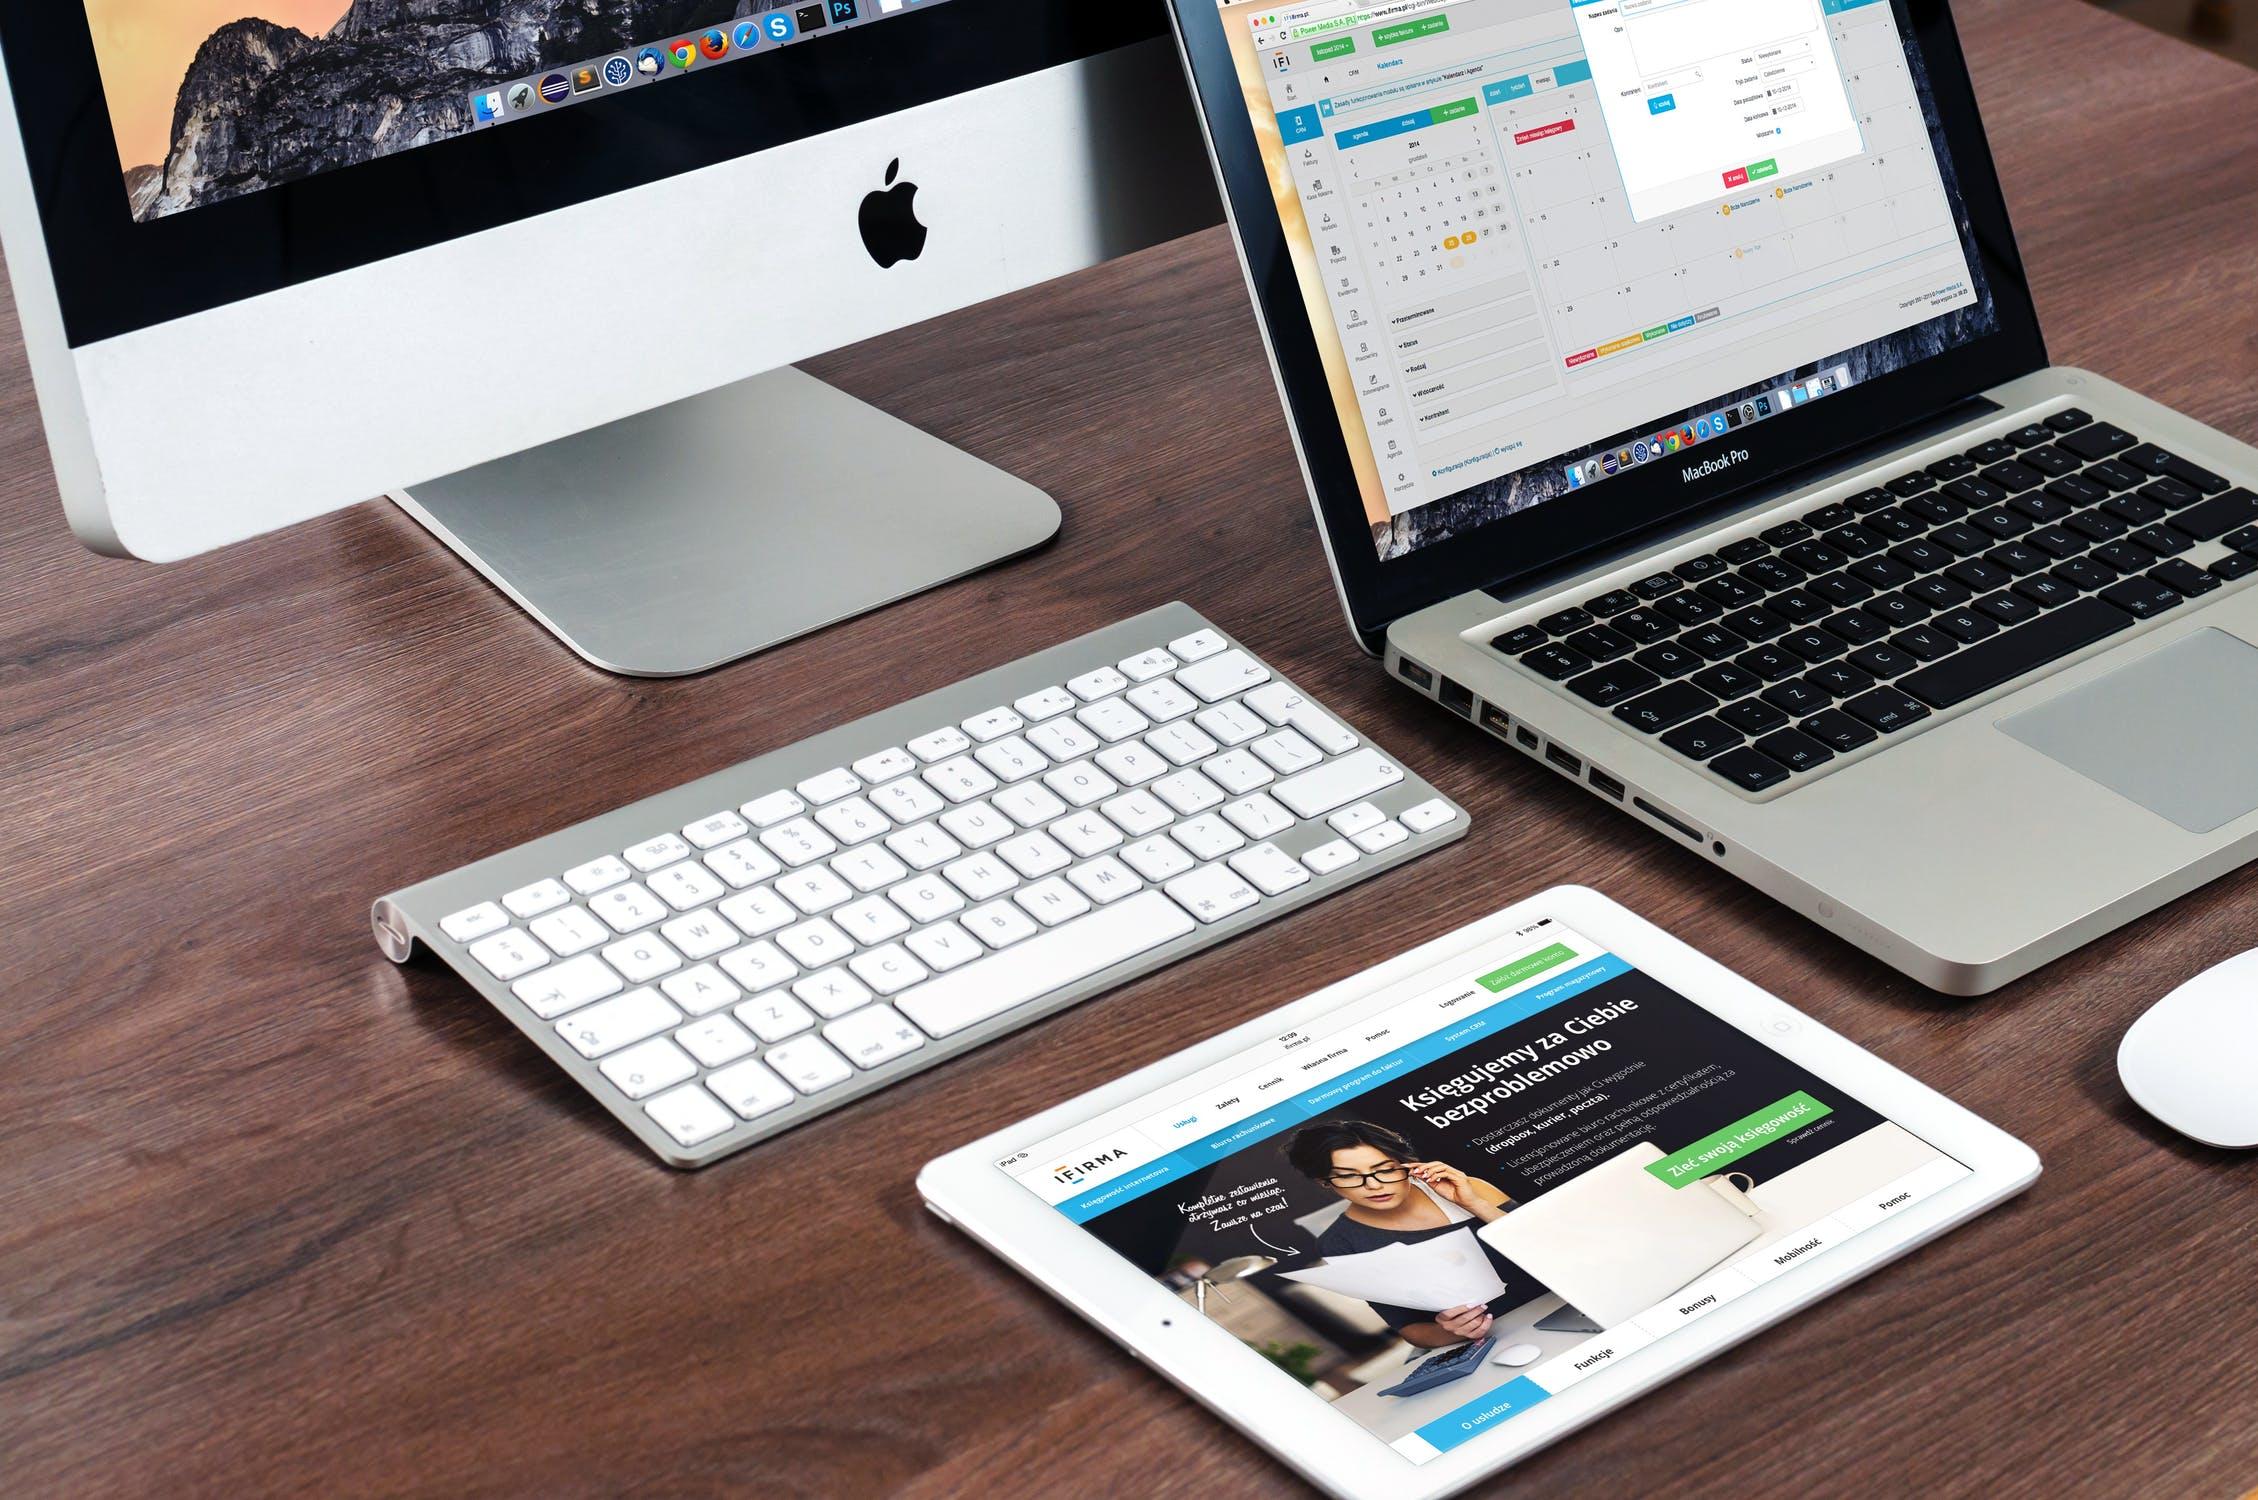 Macbook Apple Imac Computer